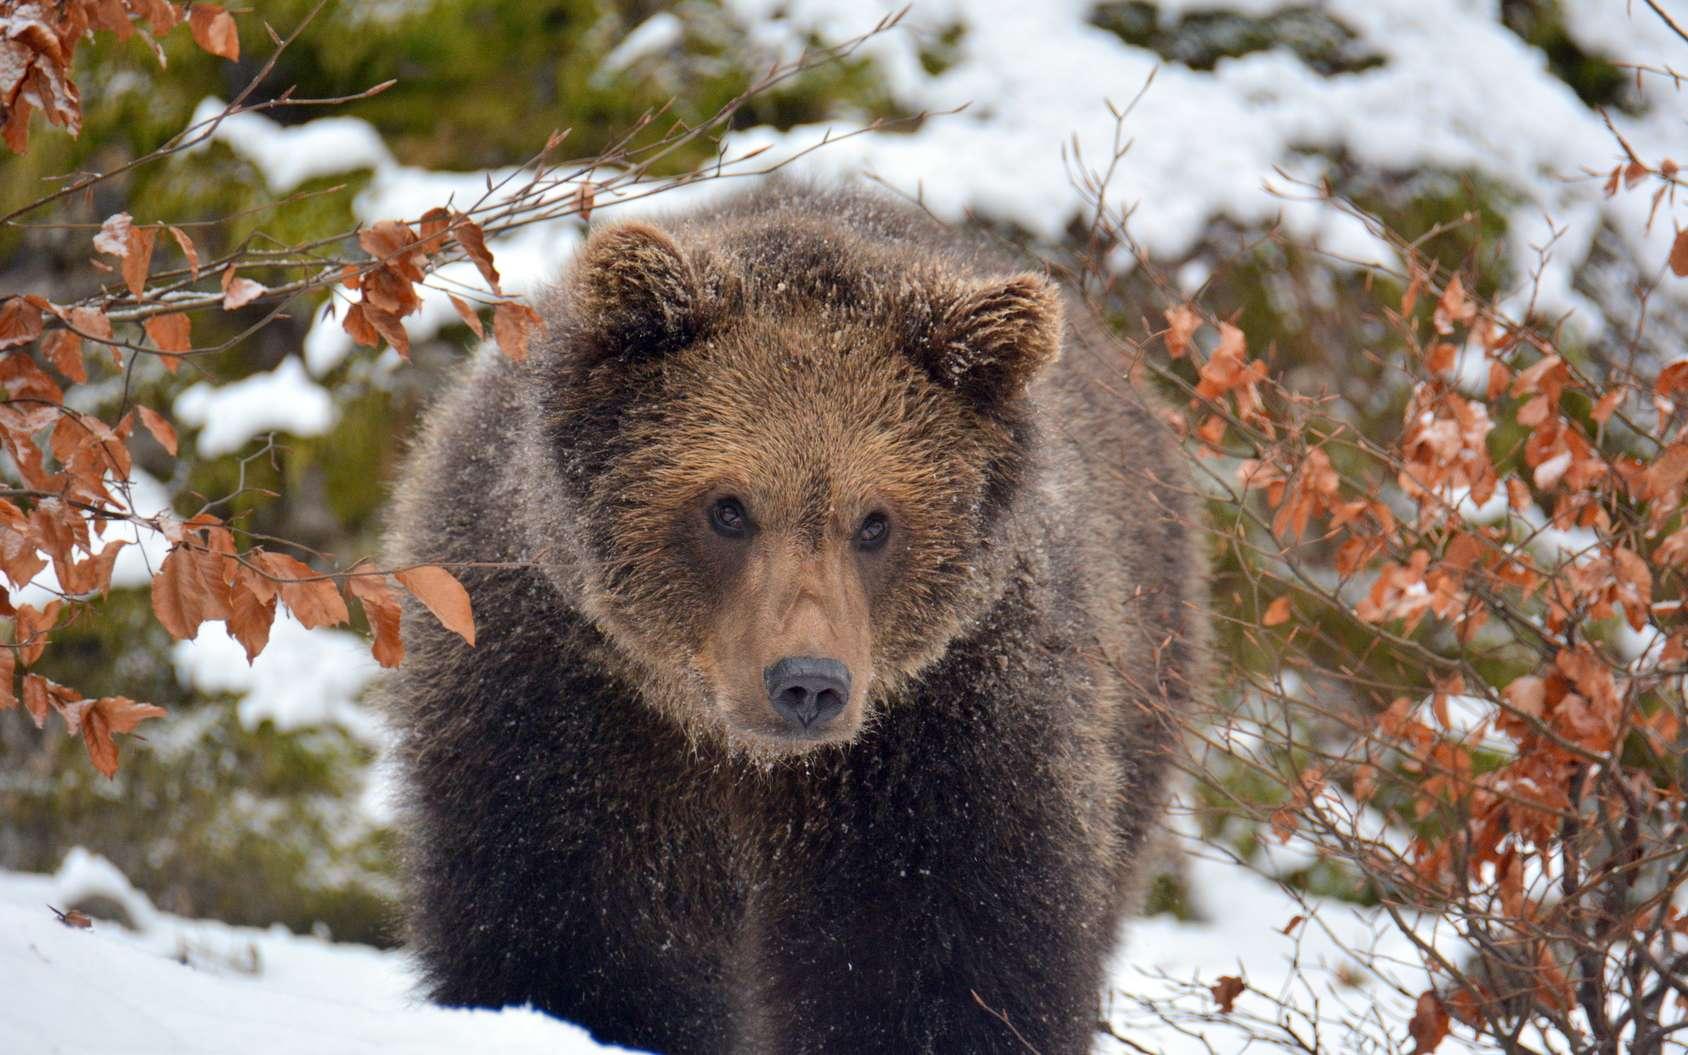 Contrairement à ce que l'on pense généralement, l'ours n'hiberne pas, il hiverne! © Wiltrud, fotolia